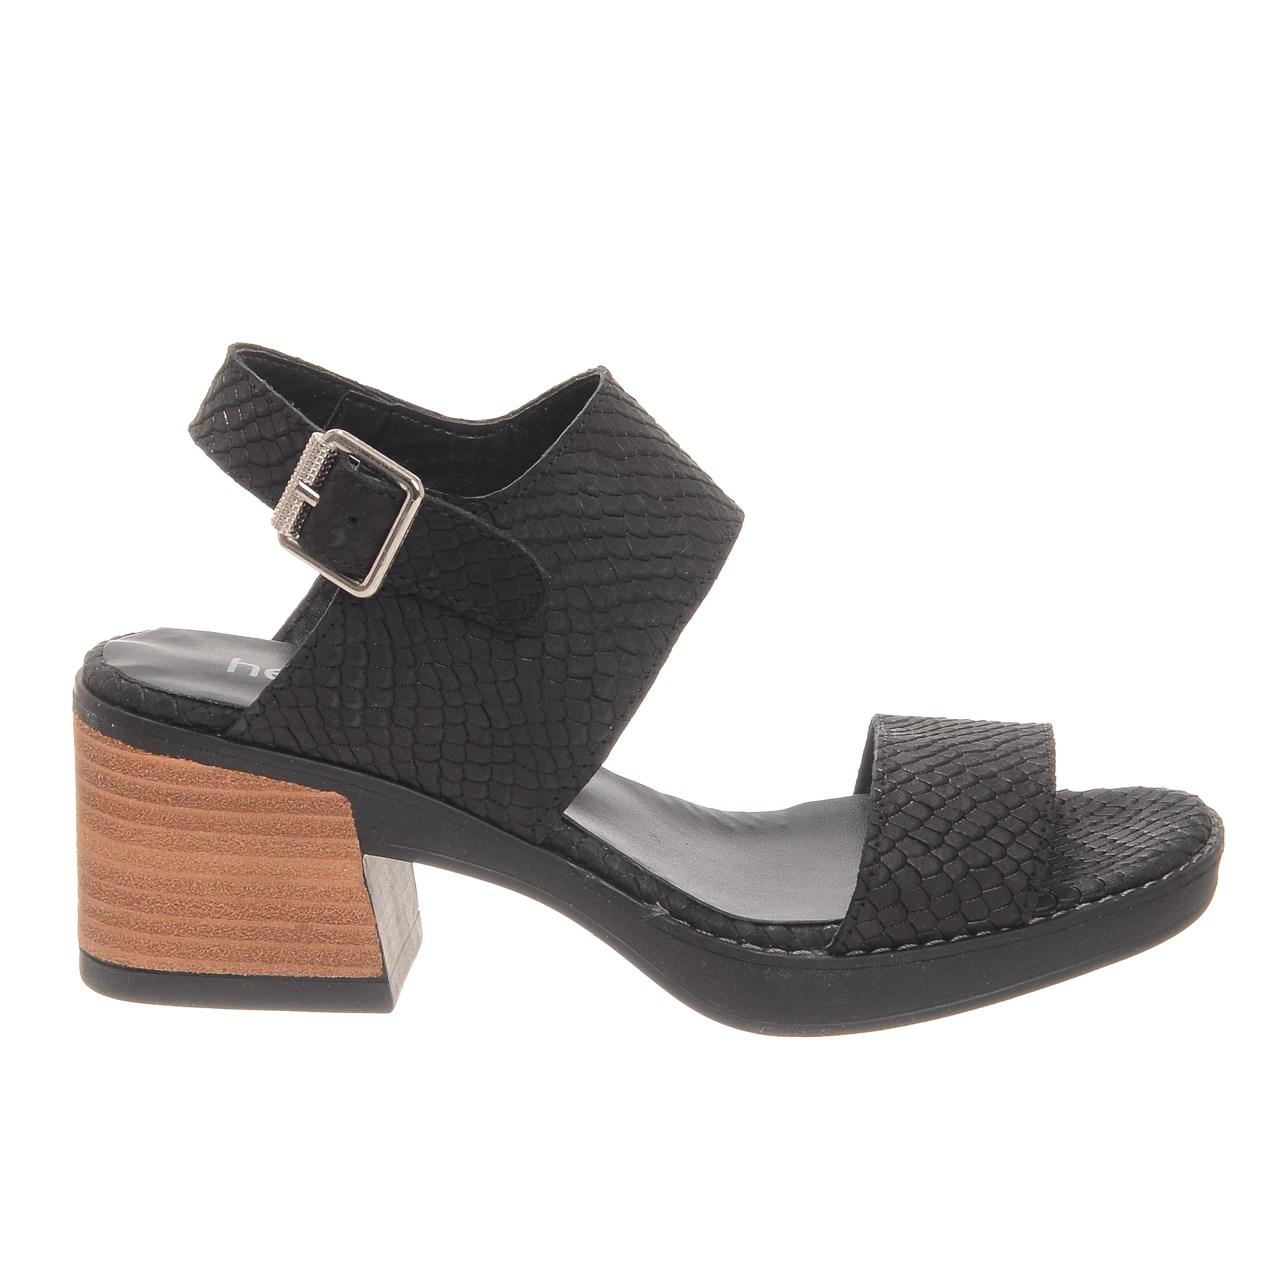 79f495d31 Sandalias Mujer Zapatos Cuero Taco Medio Verano Plataforma